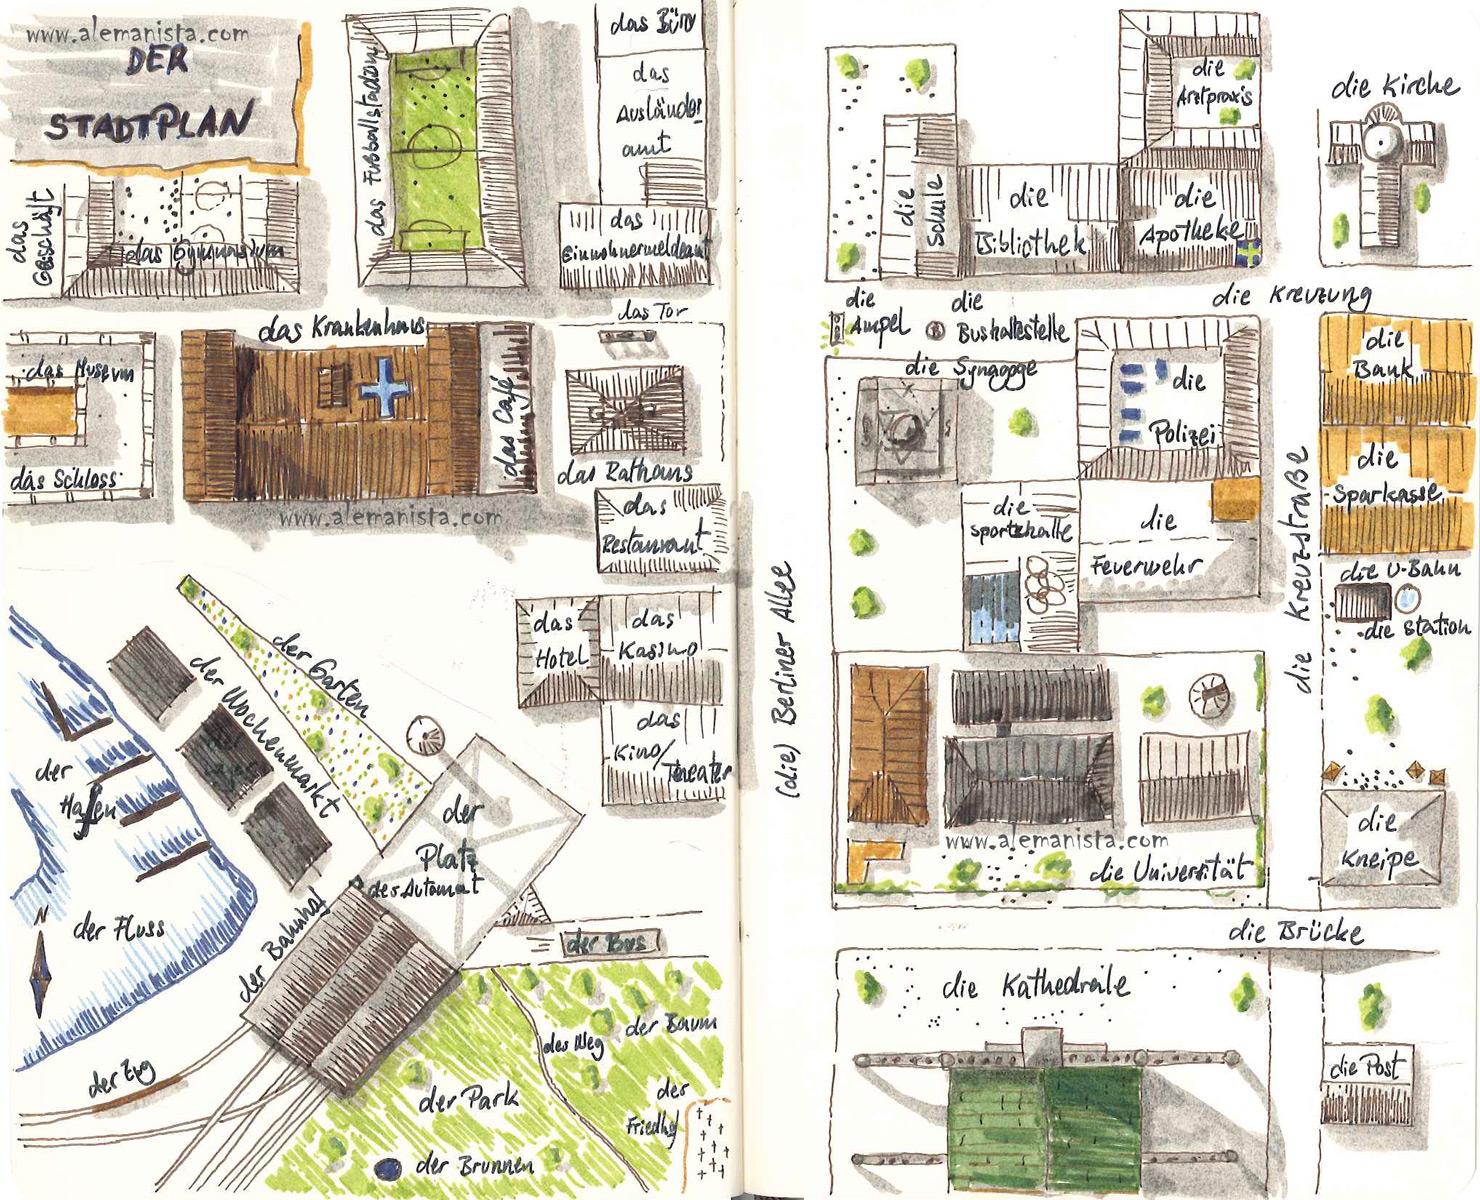 Vocabulario en alemán: la ciudad - El alemanista